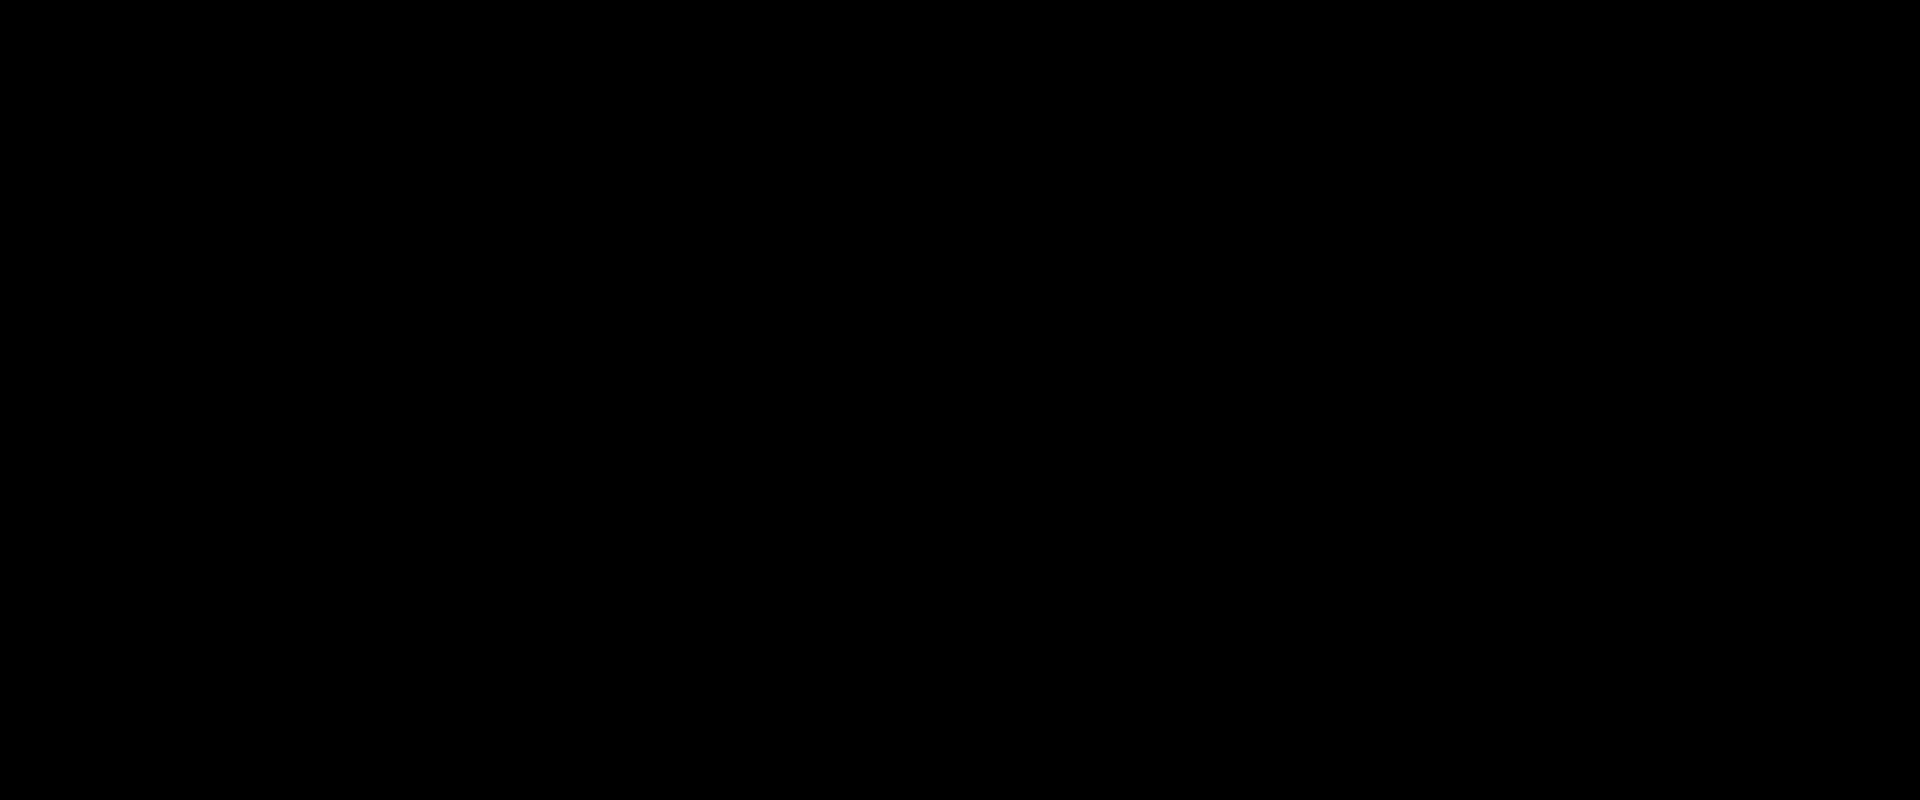 MWM001 - 分1 Grüne Buchstaben auf schwarzem Grund